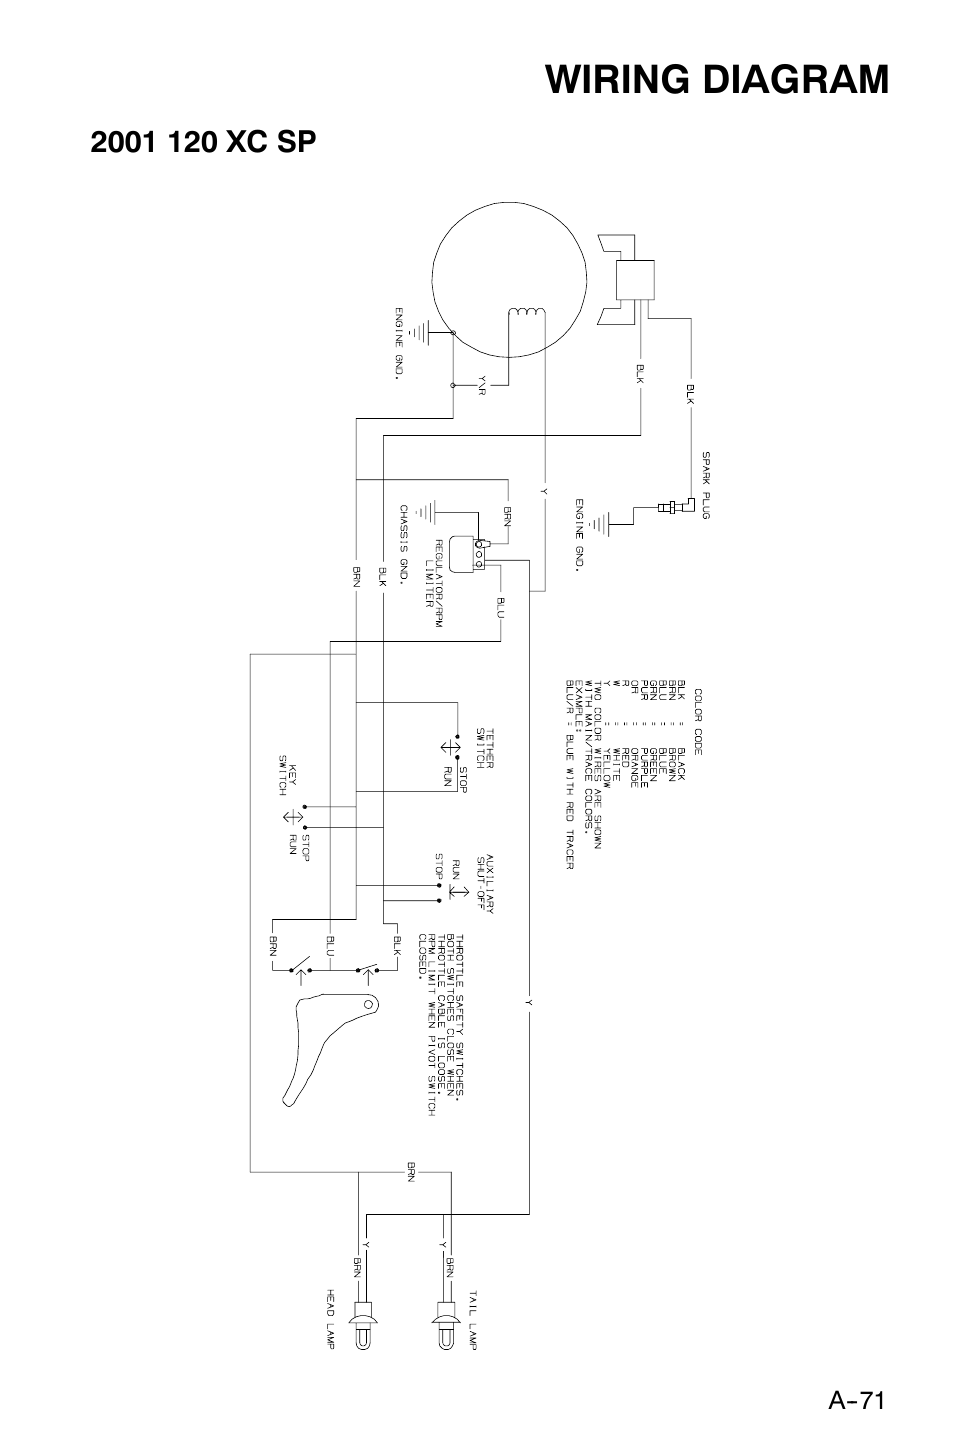 Wiring Diagram Polaris 120 Xc Sp User